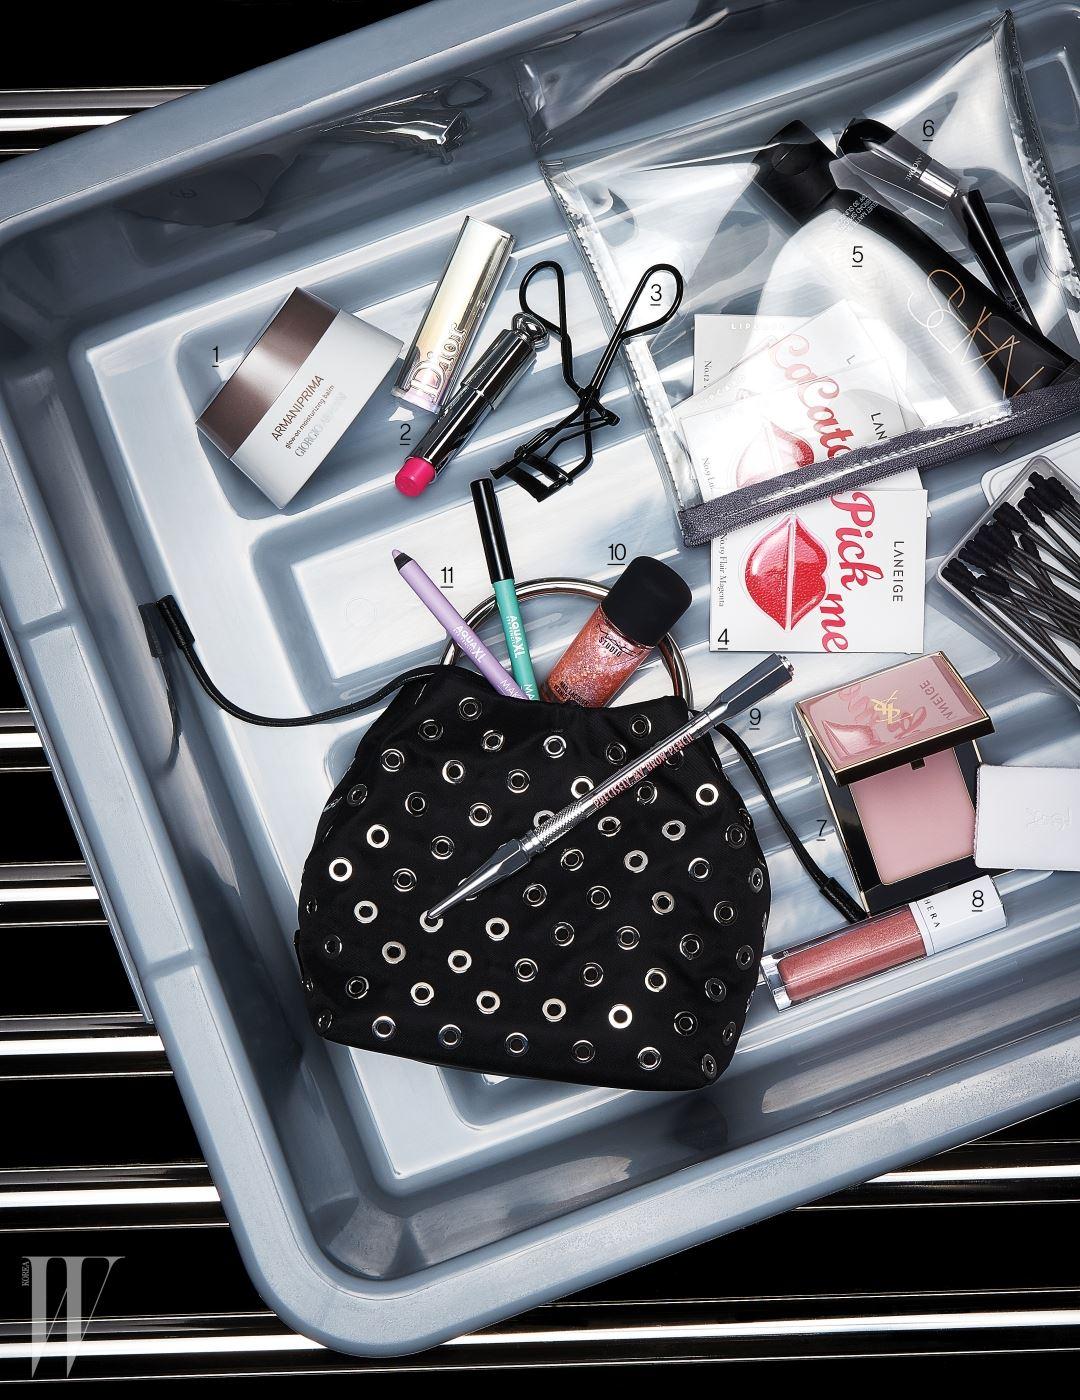 아일릿 패턴의 마이크로 미니 백은 프라다 제품.